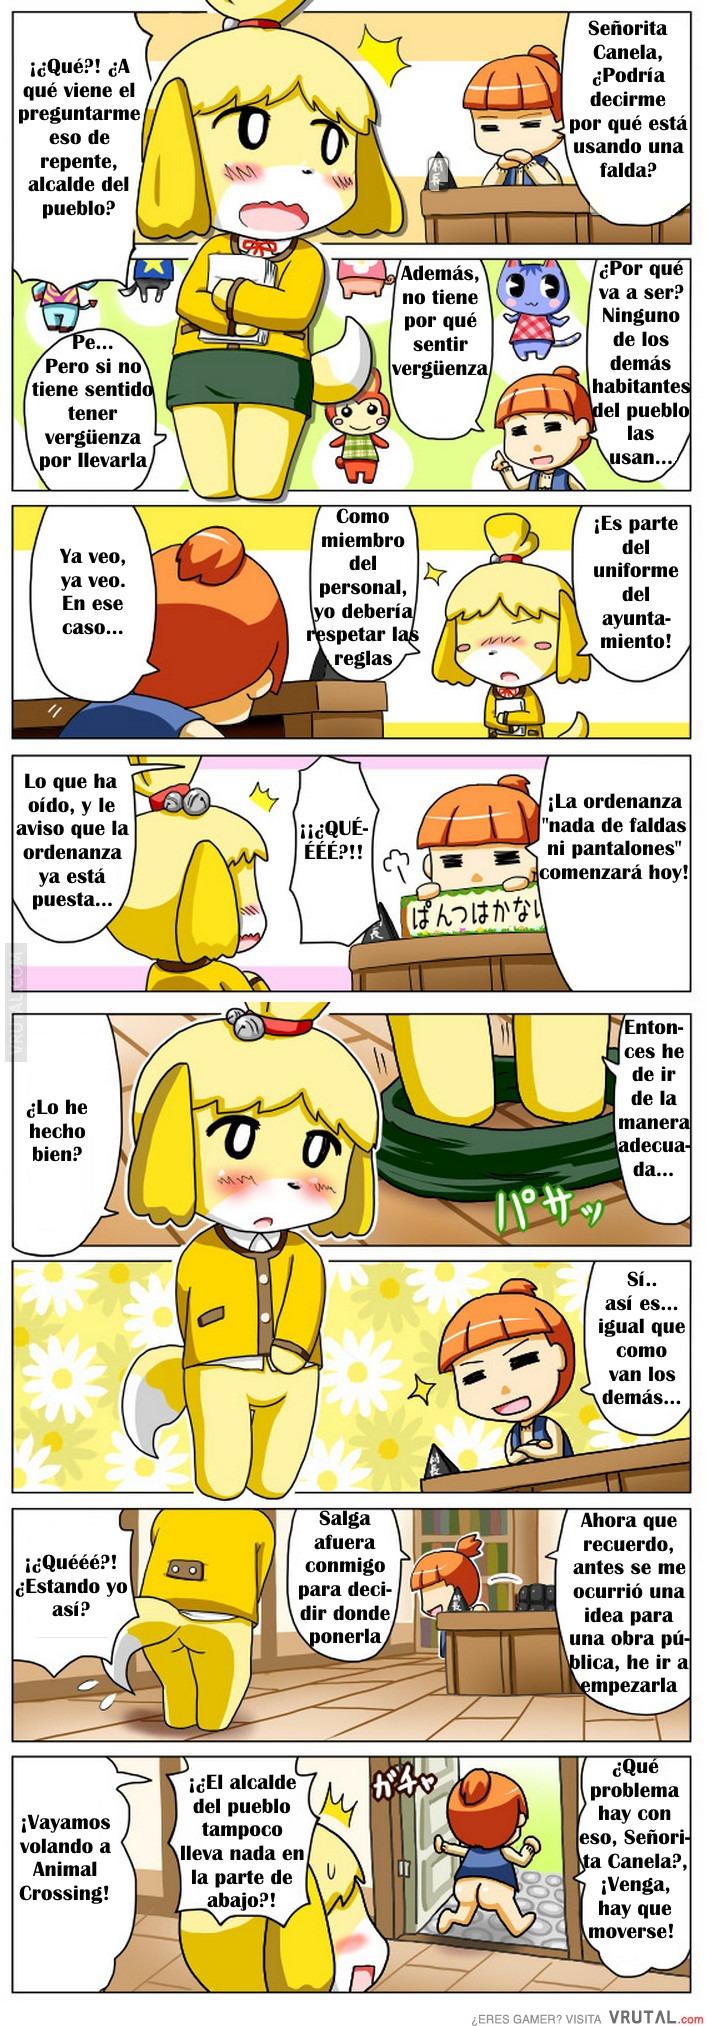 Animal Crossing Porn Comic vrutal / las ordenanzas de animal crossing